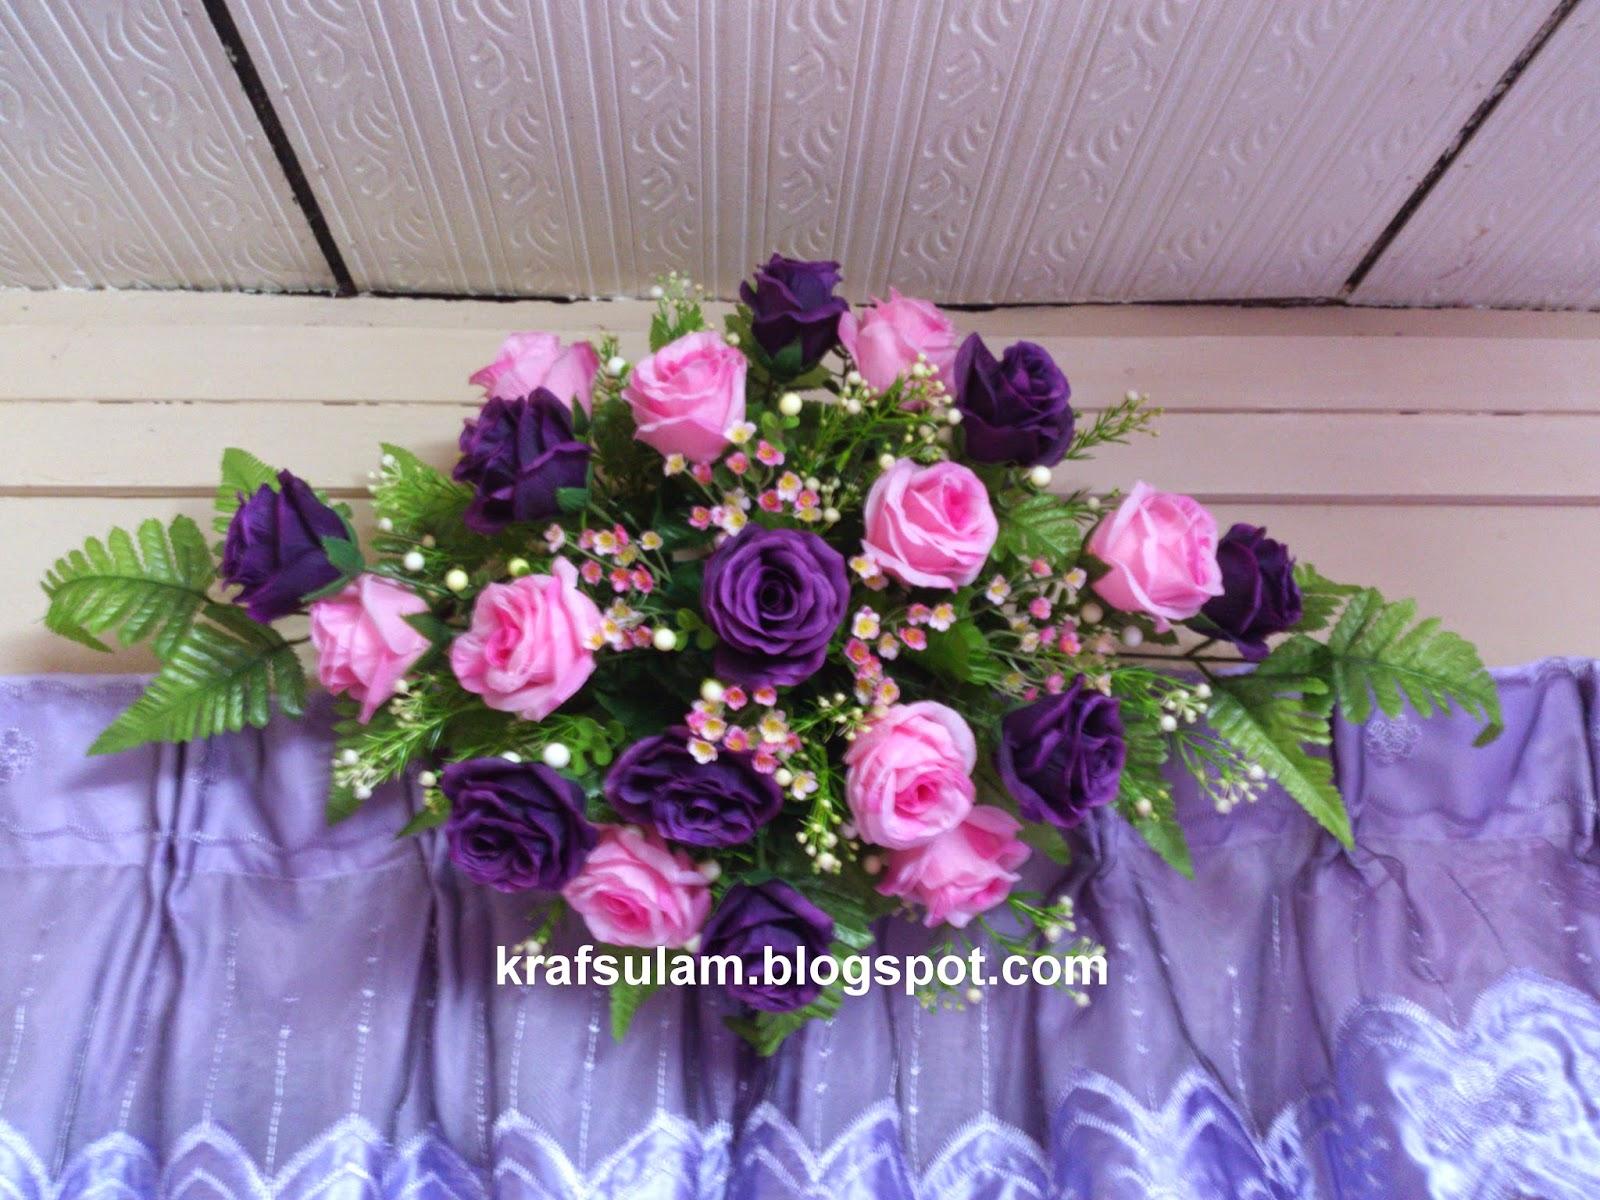 Ini Adalah Gubahan Bunga Lcp Yang Juga Boleh Digantung Di Dinding Ifah Buat Nie Untuk Diletn Dalam Bilik Semasa Perkahwinan